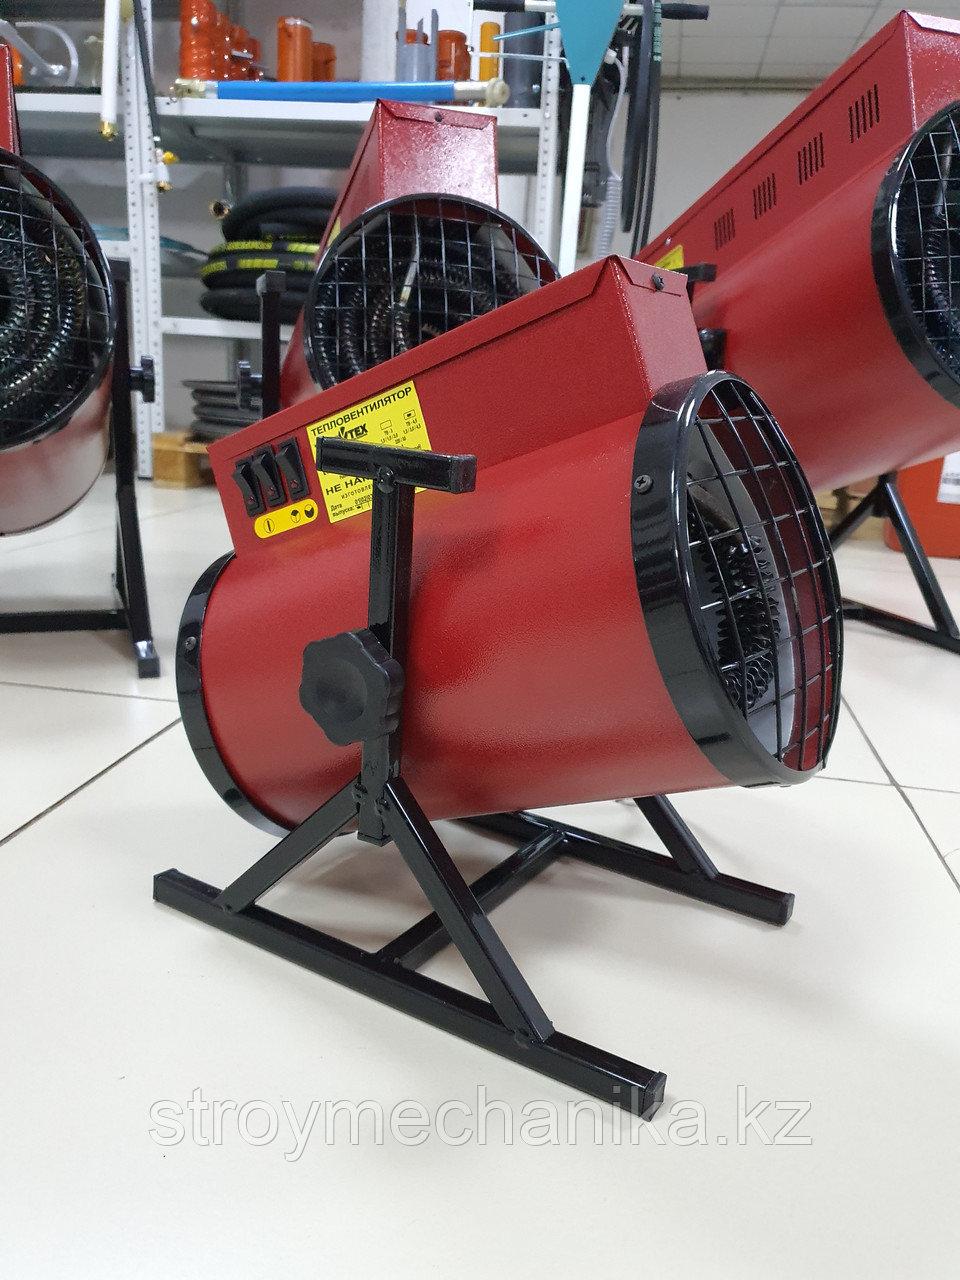 Тепловентилятор электрический 3 кВт ТВ-3 (1,5 кВт - 3 кВт)